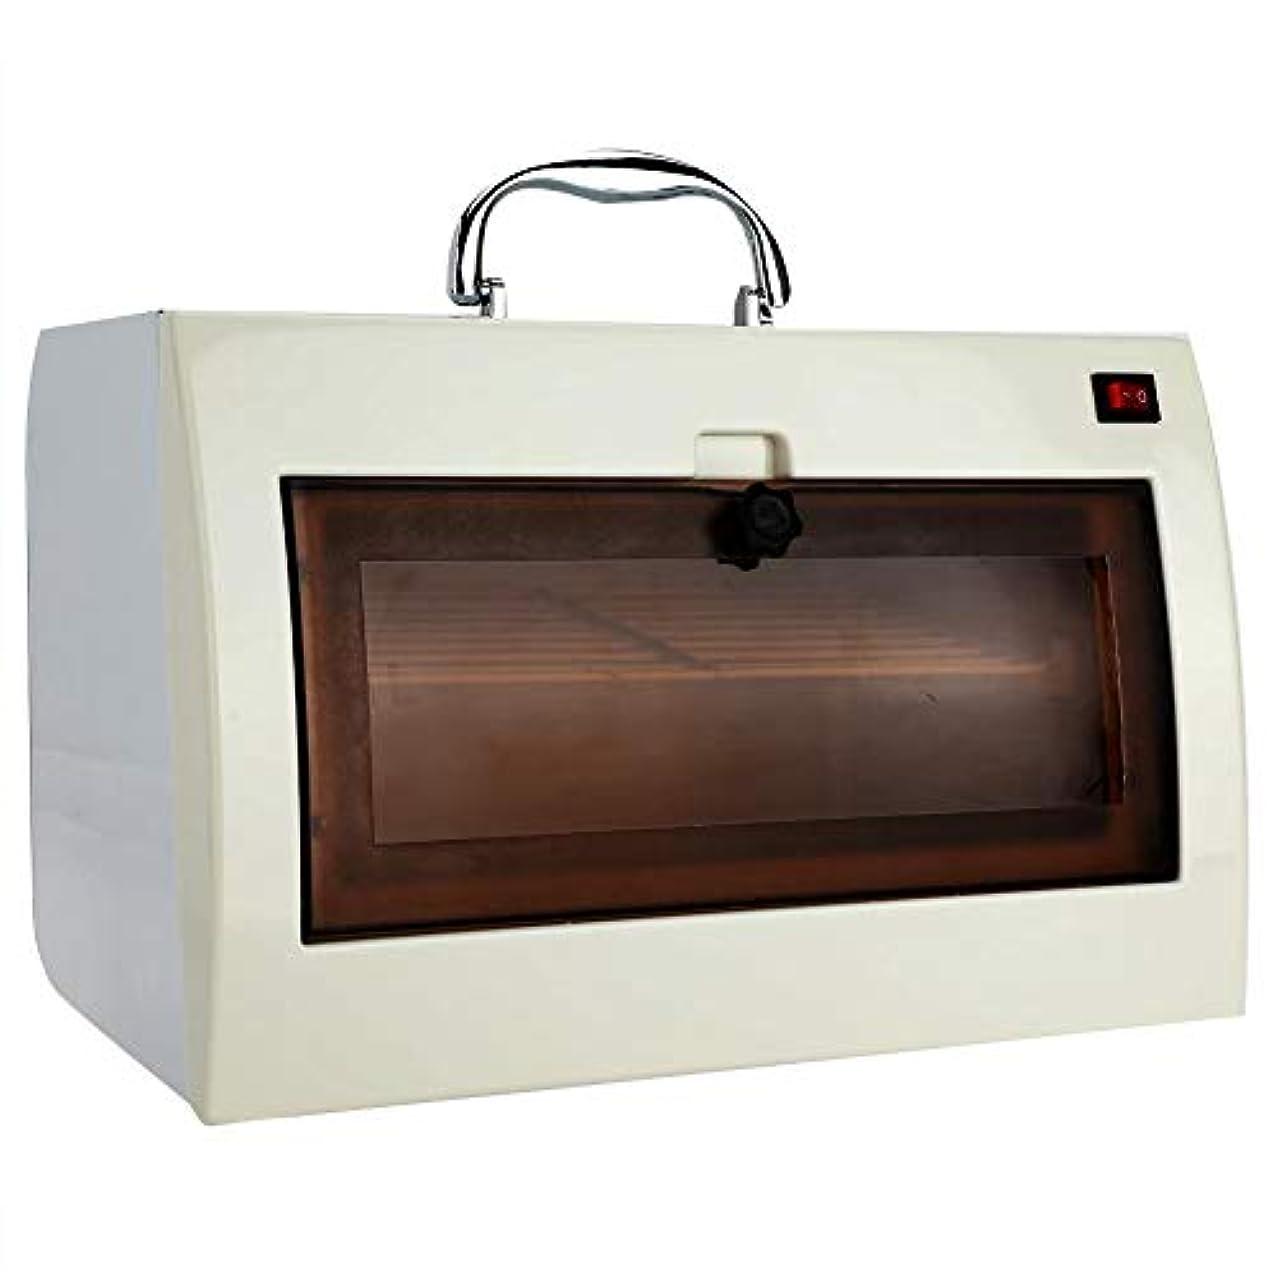 仮定クリアヘッドレスタオルウォーマー 消毒ボックス UV オゾン滅菌キャビネット ネイルツール用 タオルおよびホットハサミ用美容滅菌装置美容院 (1)